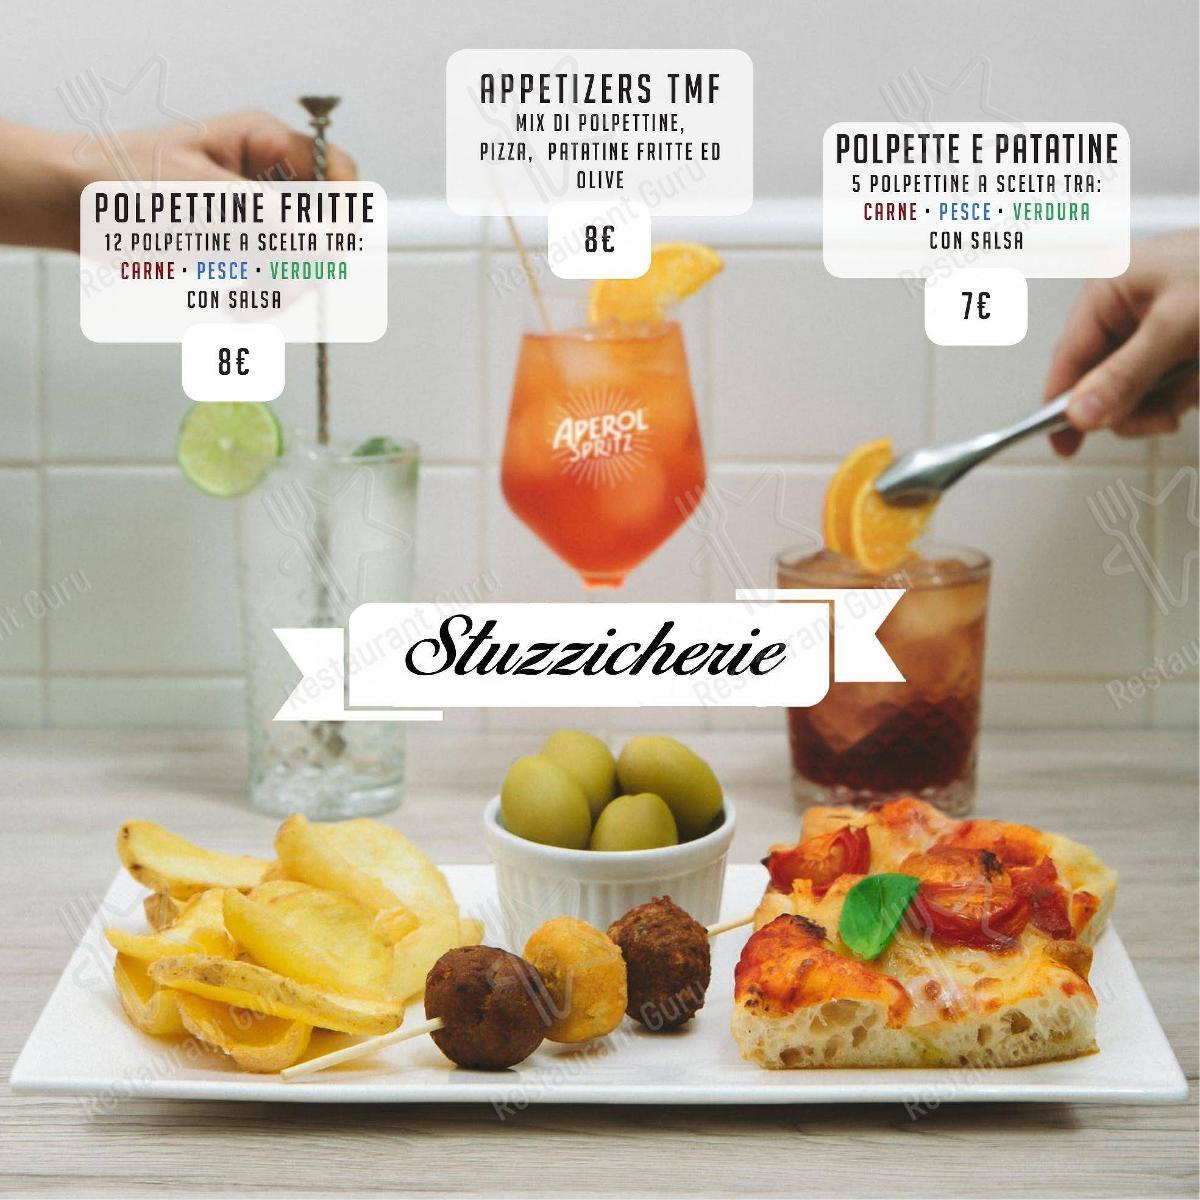 Meatball Family Speisekarte - Gerichte und Getränke